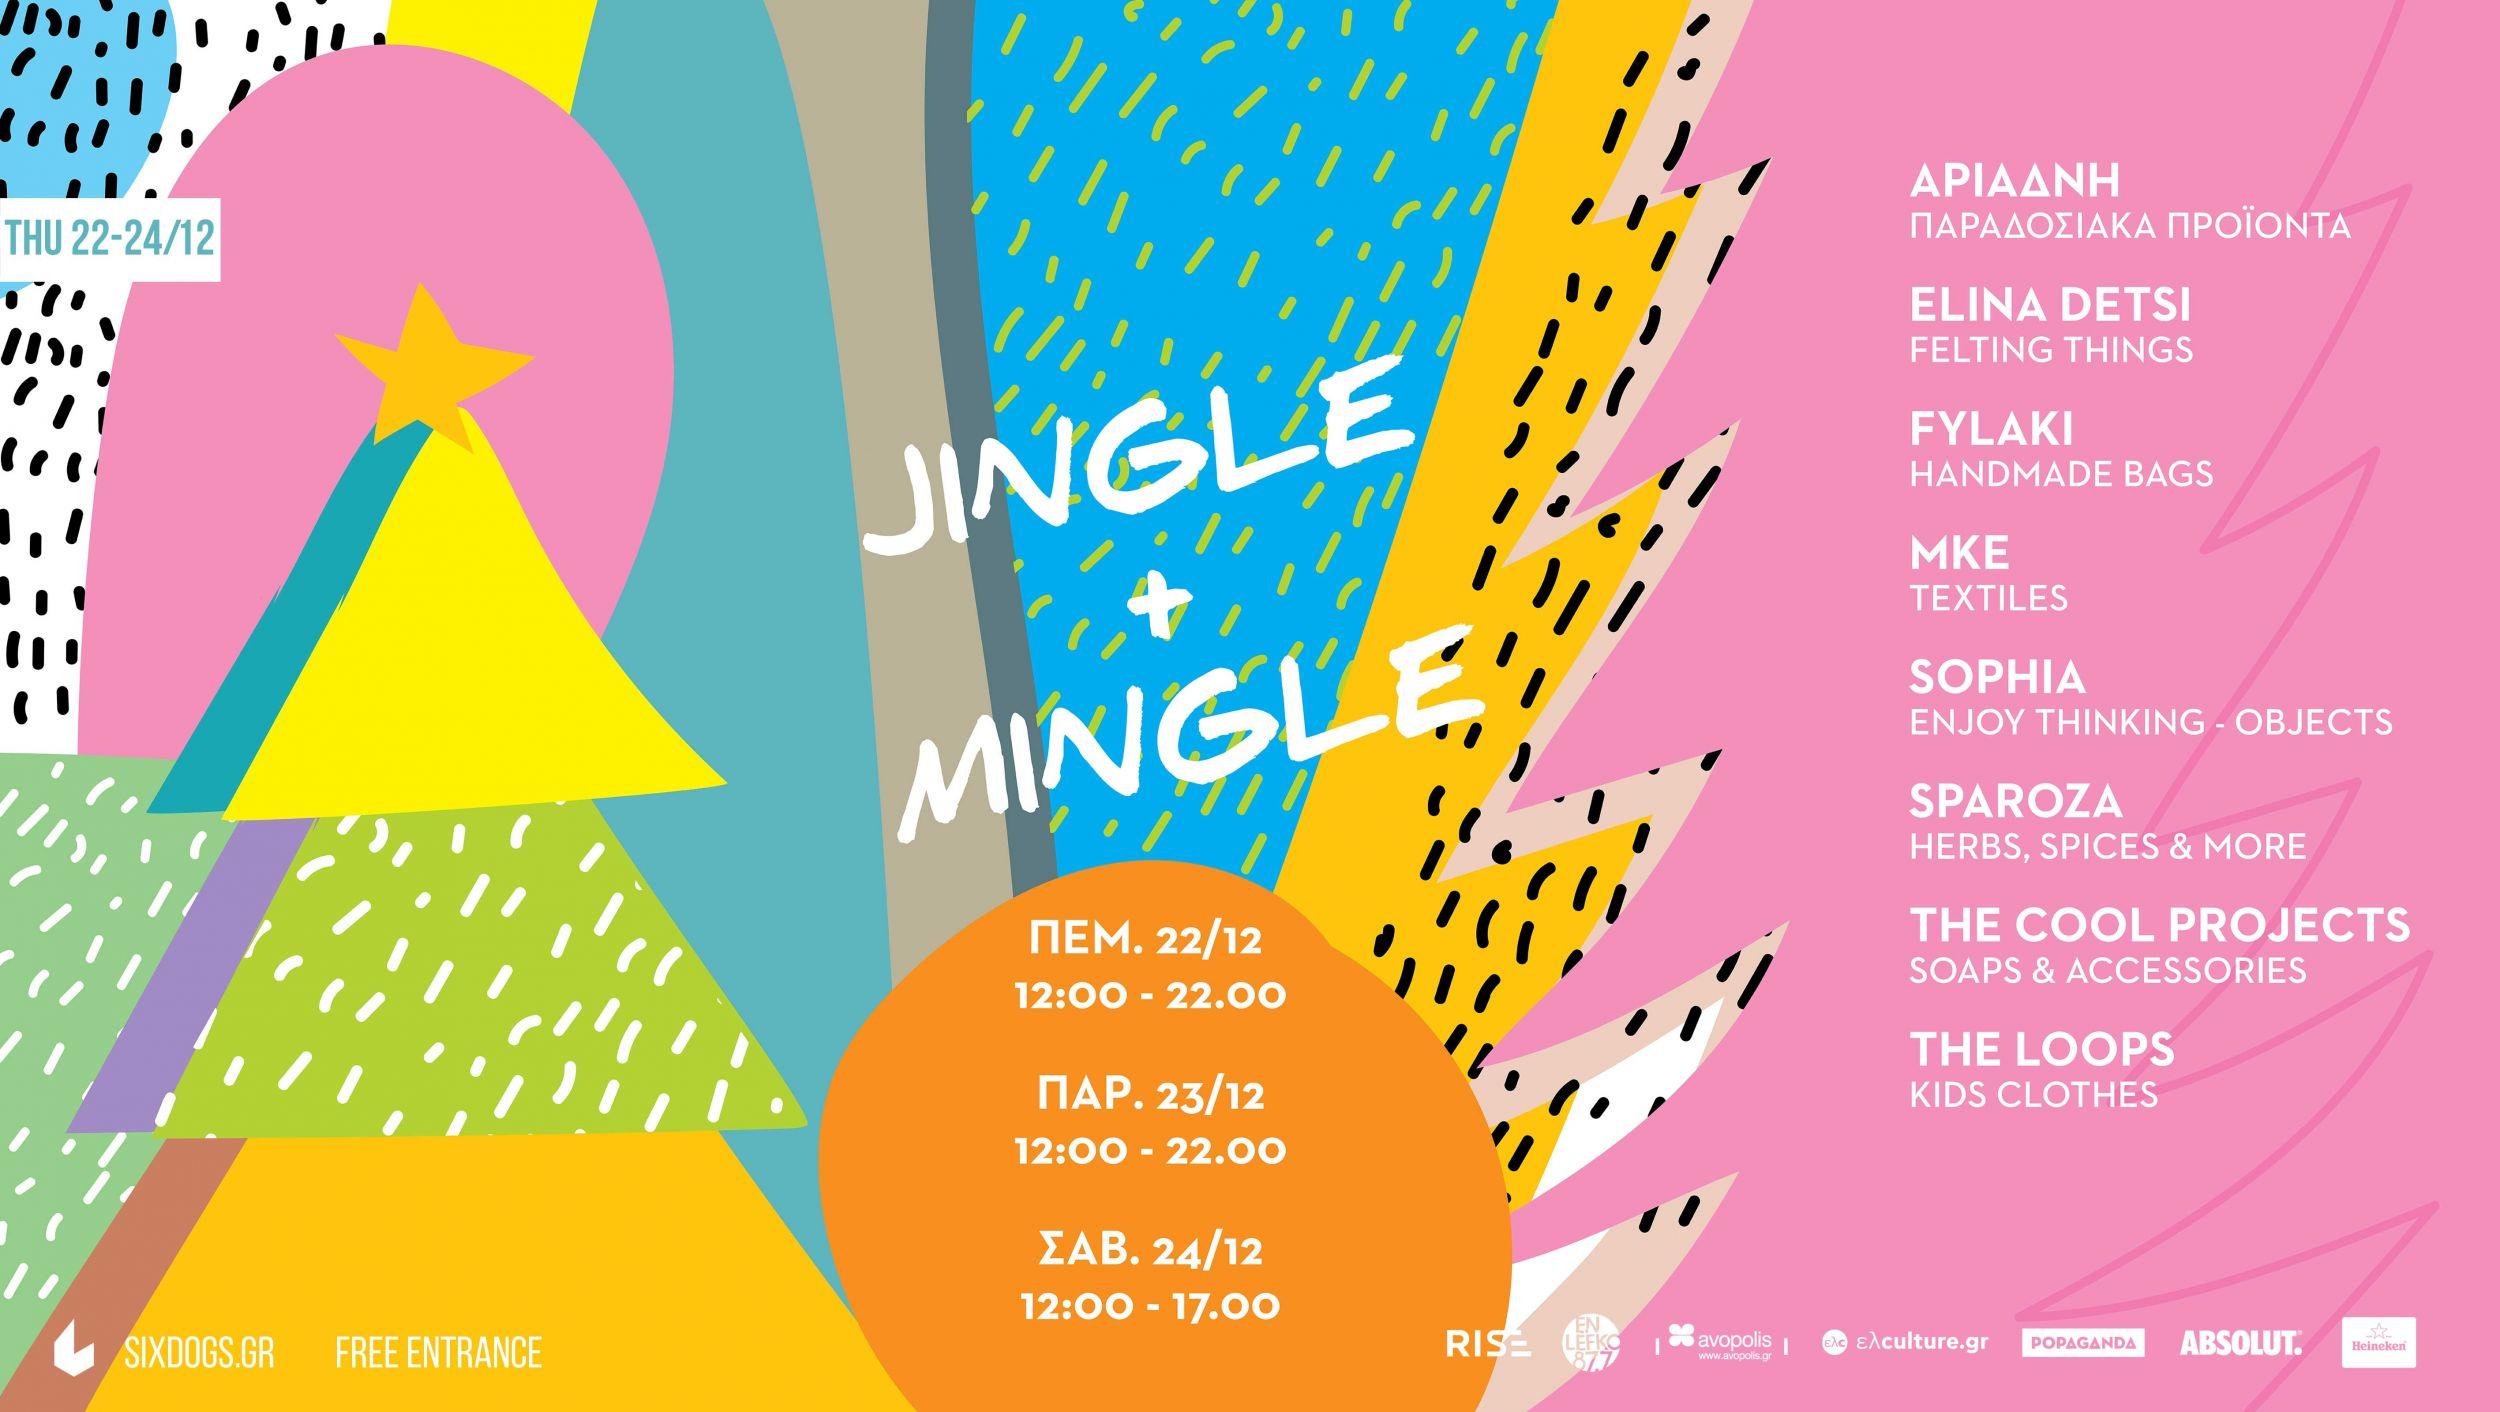 a7514c3a497 six d.o.g.s   events - Jingle + Mingle